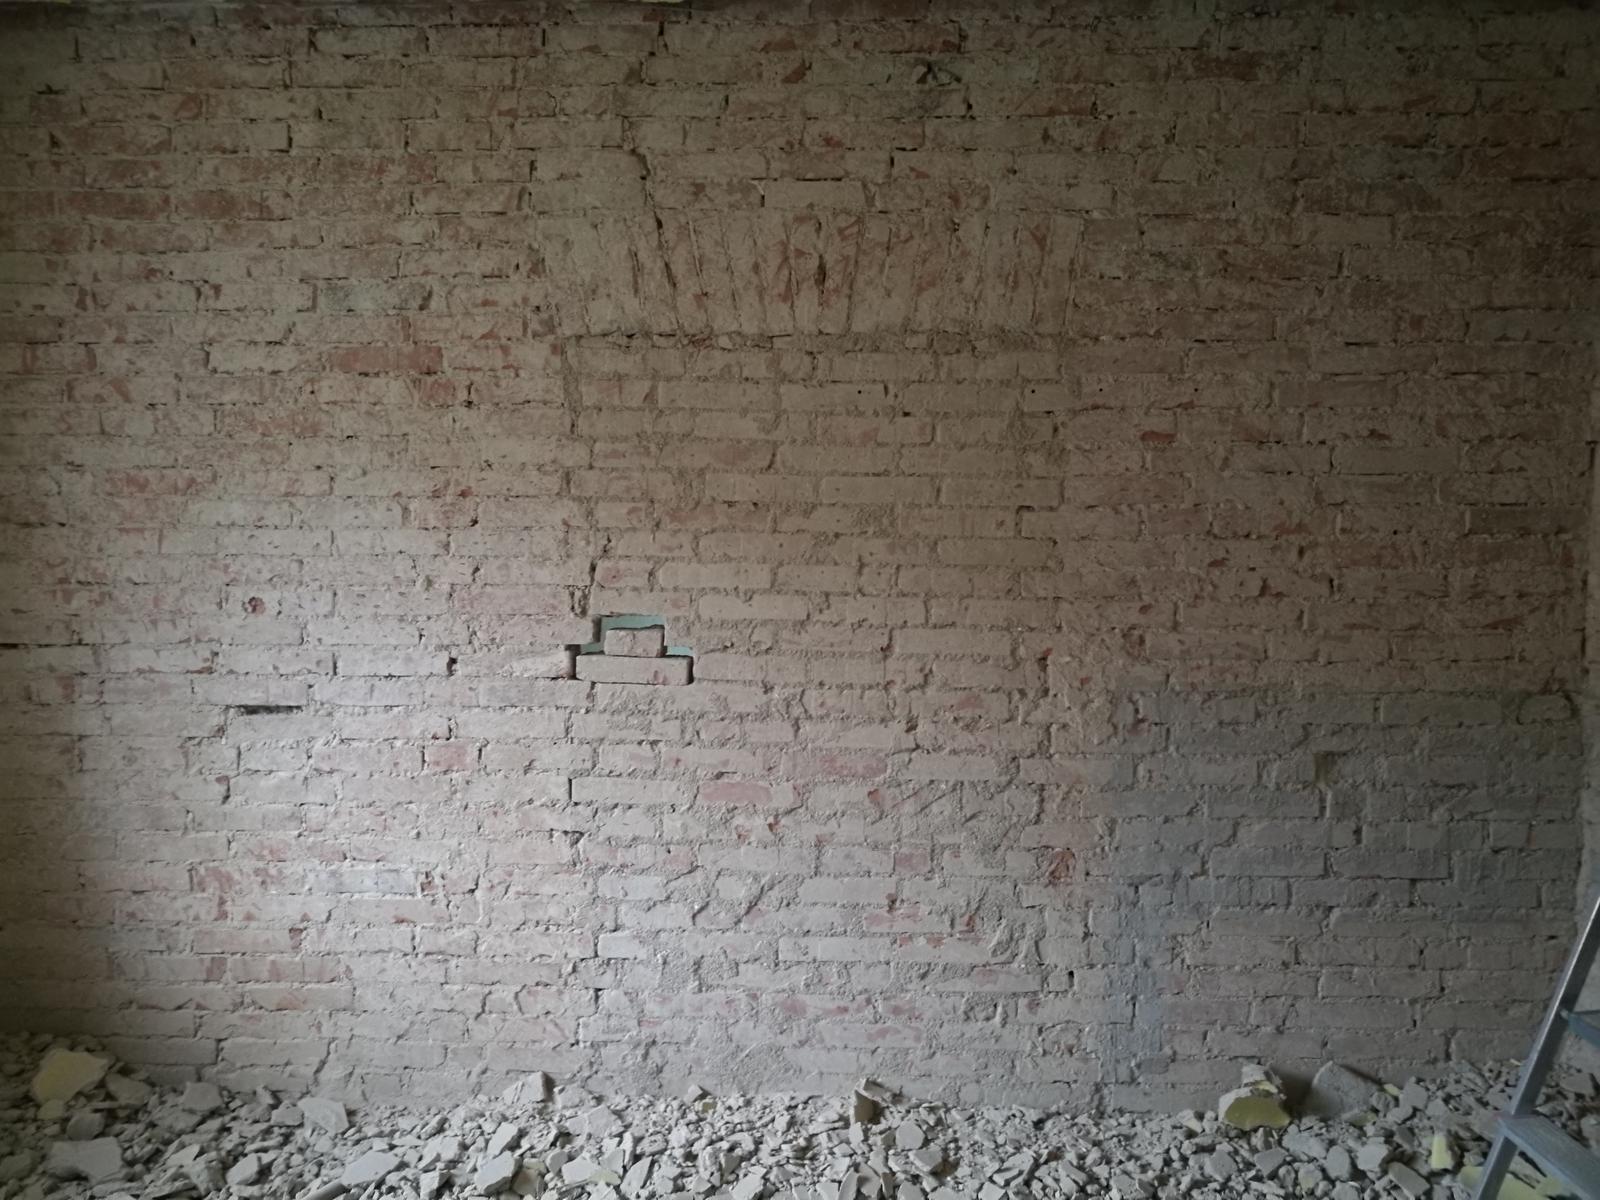 Náš budúci domov - rekonštrukcia rodinného domu - Tajné dvere, čo sa za nimi skrýva? Odhalenie už zajtra...